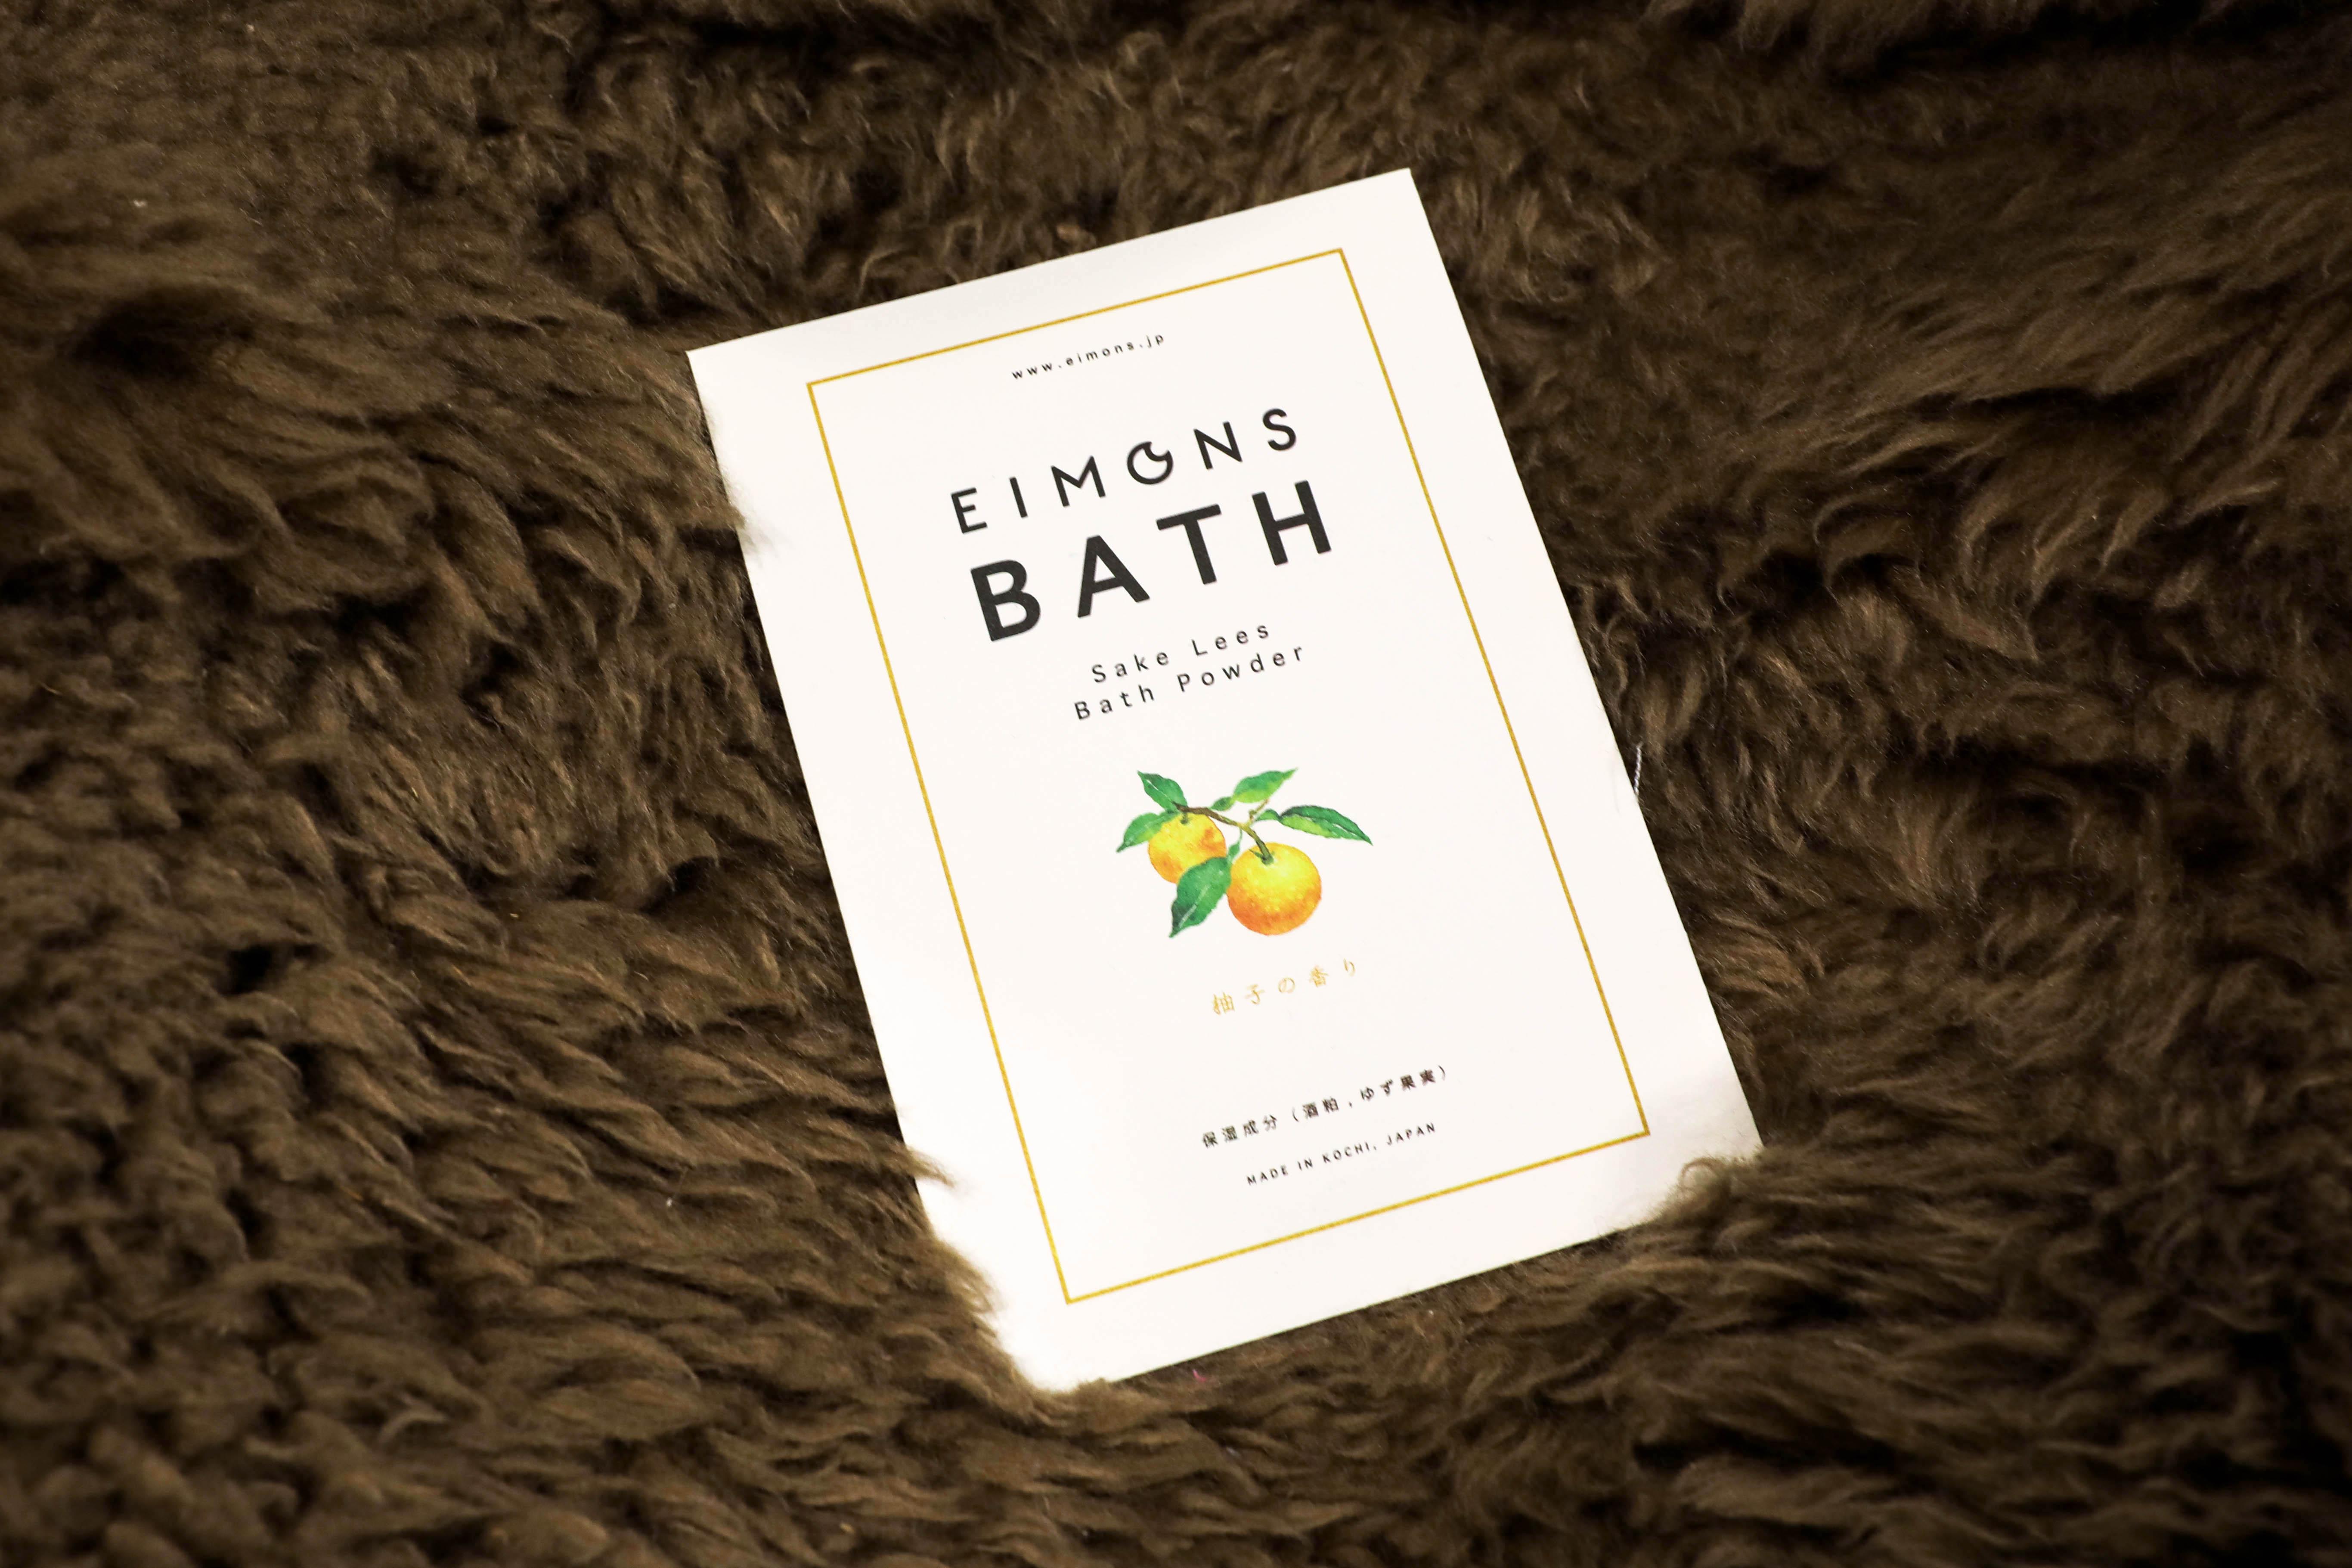 EIMONS BATH